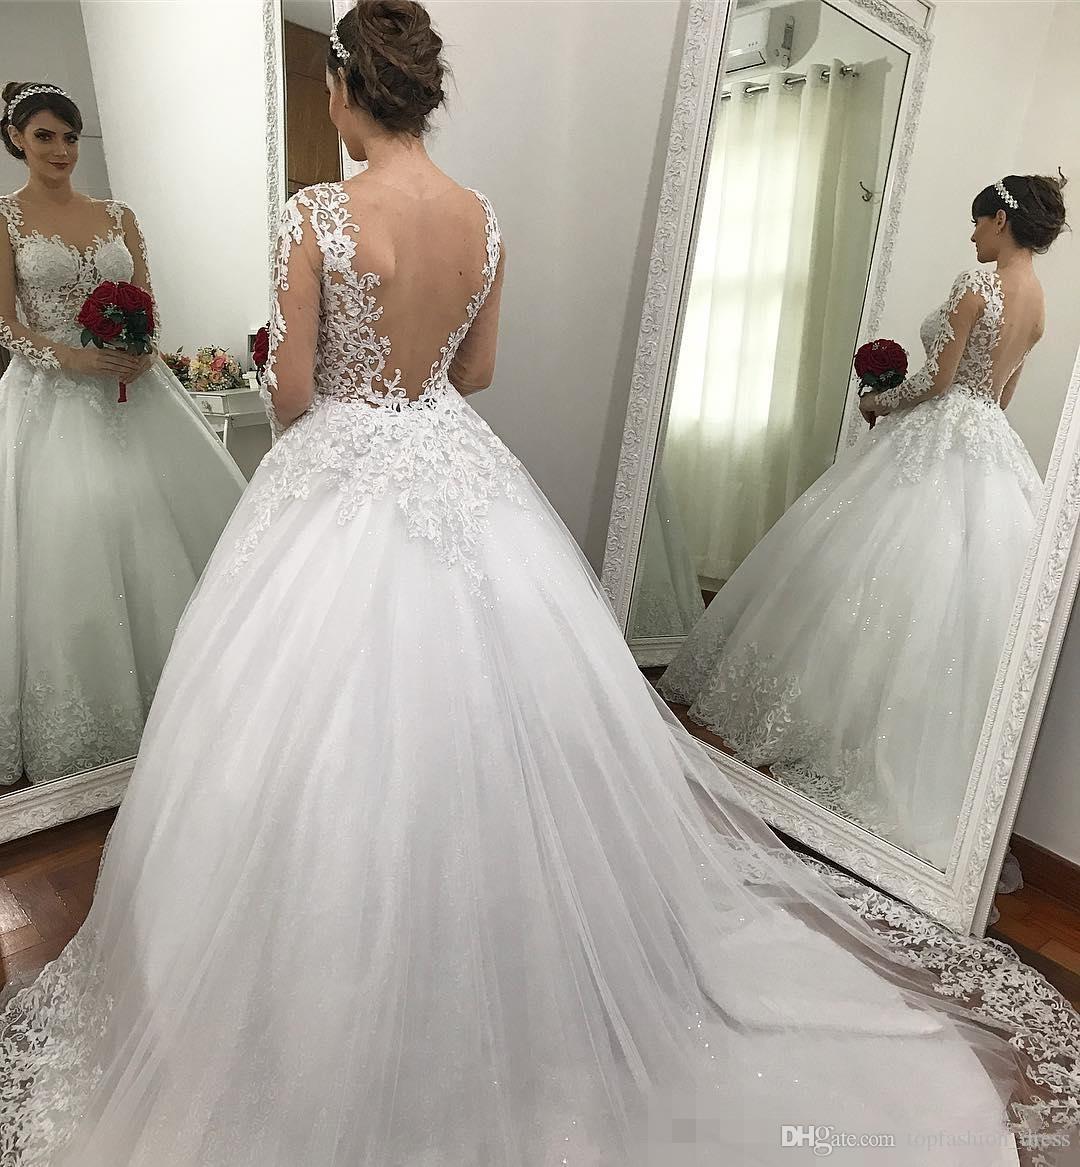 Длинные рукава бальное платье свадебные платья 2020 блестки кружева аппликация Иллюзия лиф Часовня Поезд выполненные на заказ Свадебные платья Платье-де-Novia